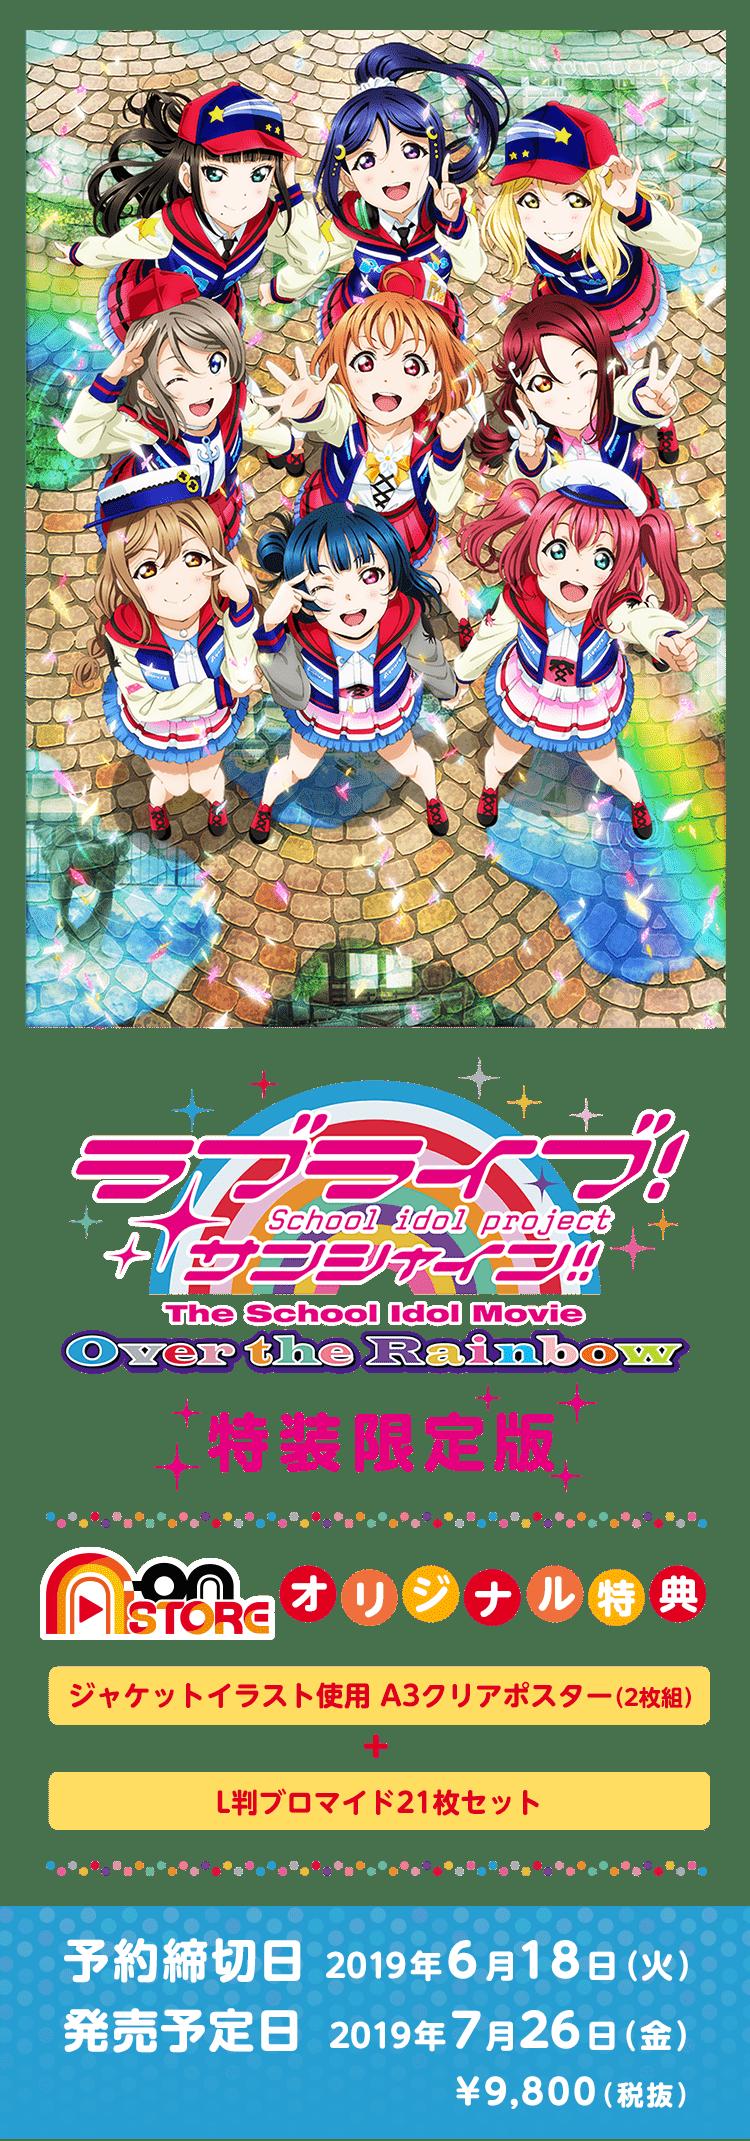 『ラブライブ!サンシャイン!! The School Idol Movie Over the Rainbow』特装限定版の予約締切日は2019年6月18日(火)、発売予定日は2019年7月26日(金)